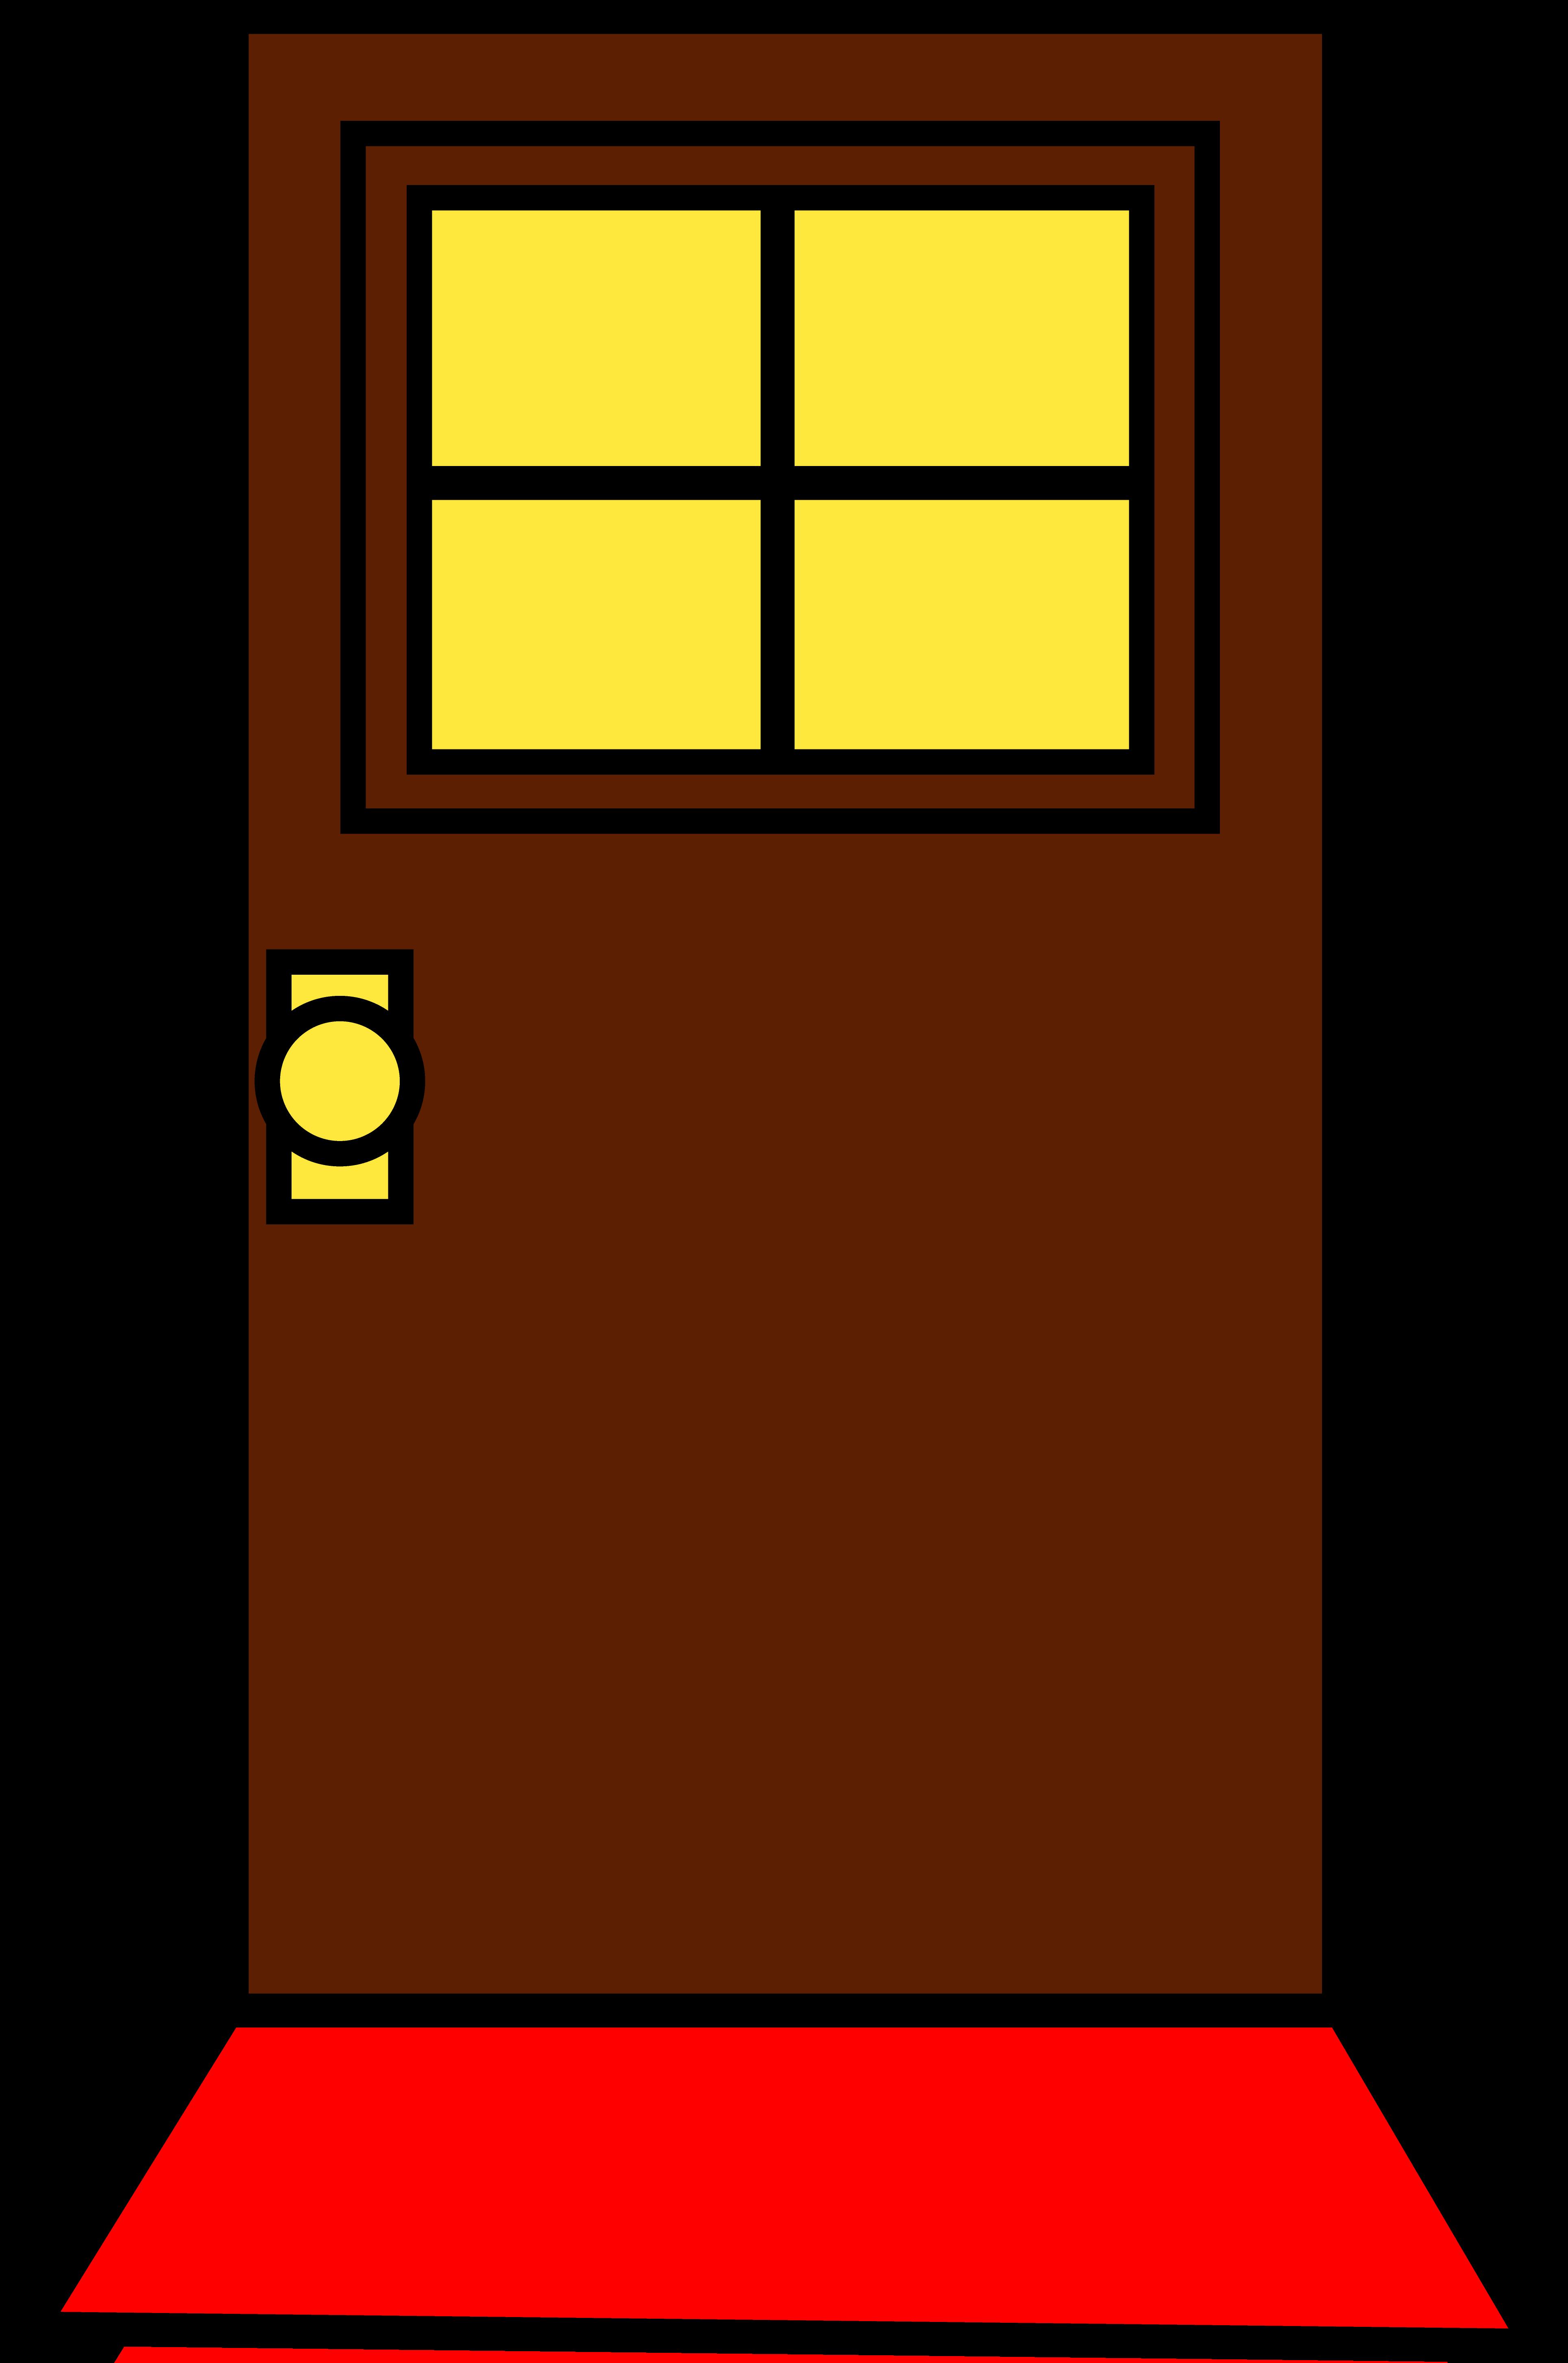 Doorway clipart blue door Classroom%20door%20clipart Panda Clipart Free Door